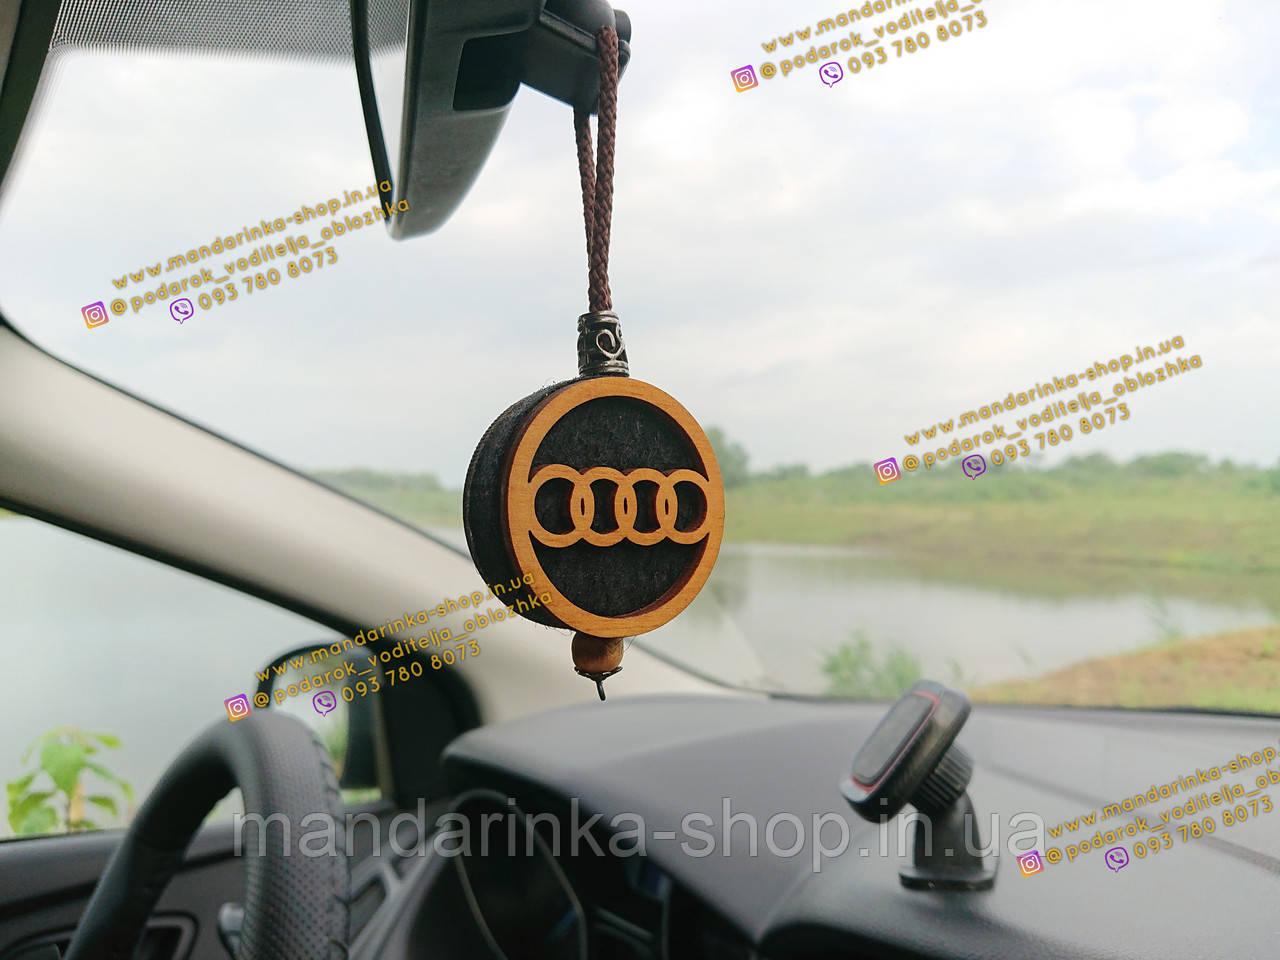 Підвіска ароматизатор Audi, Парфуми Ауді на дзеркало